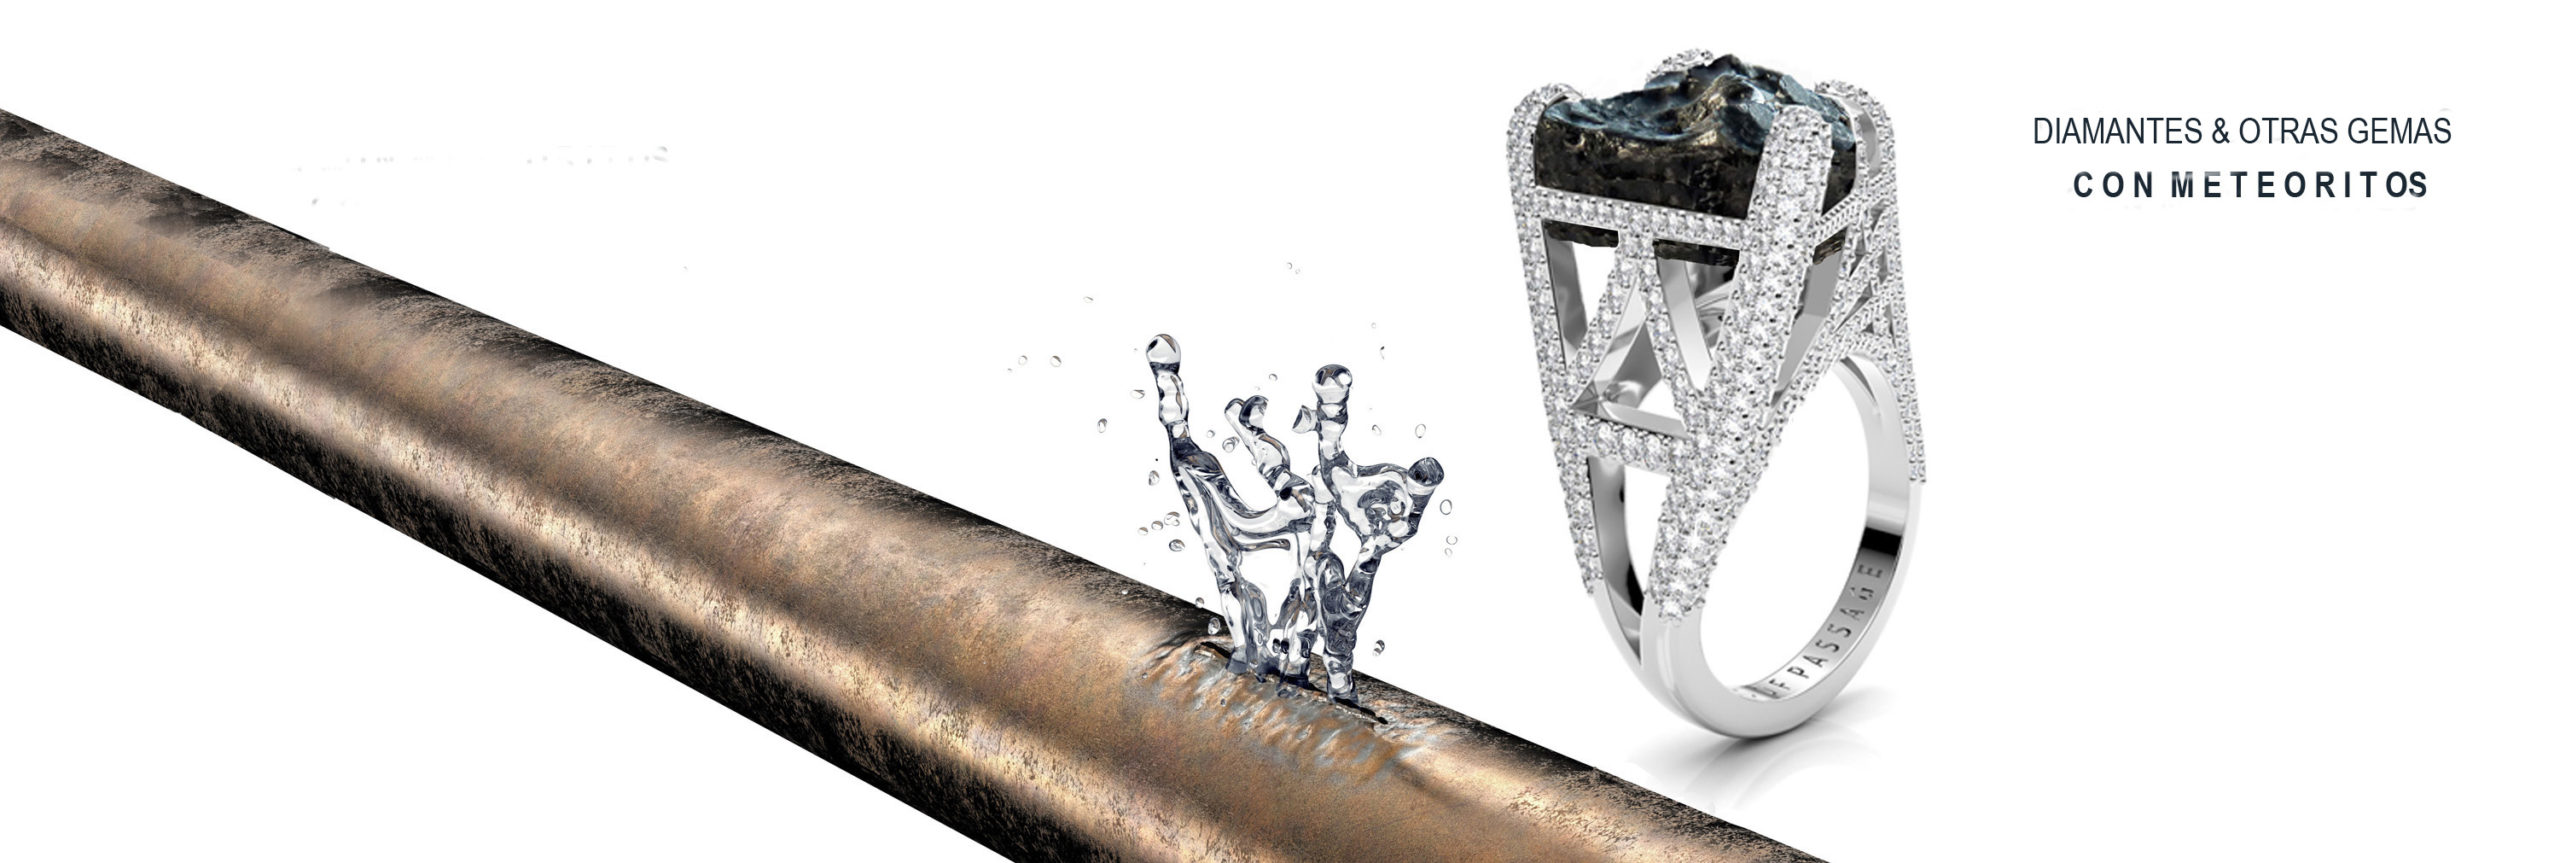 Diamantes y otras jemas con meteoritos